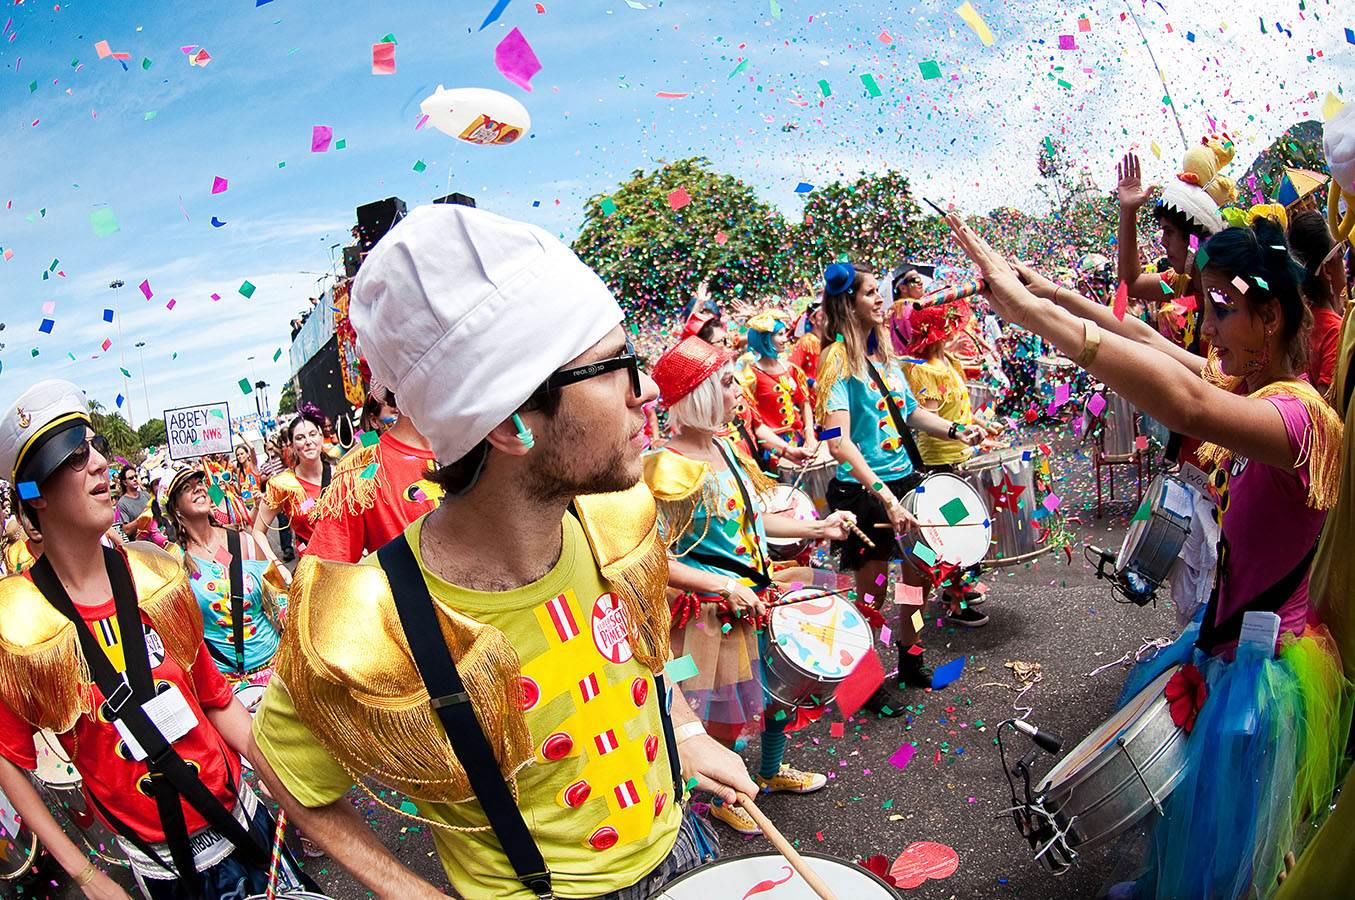 As melhores opções para o Carnaval 2018 em Goiânia | Foto: IlustrativaAs melhores opções para o Carnaval 2018 em Goiânia | Foto: Ilustrativa